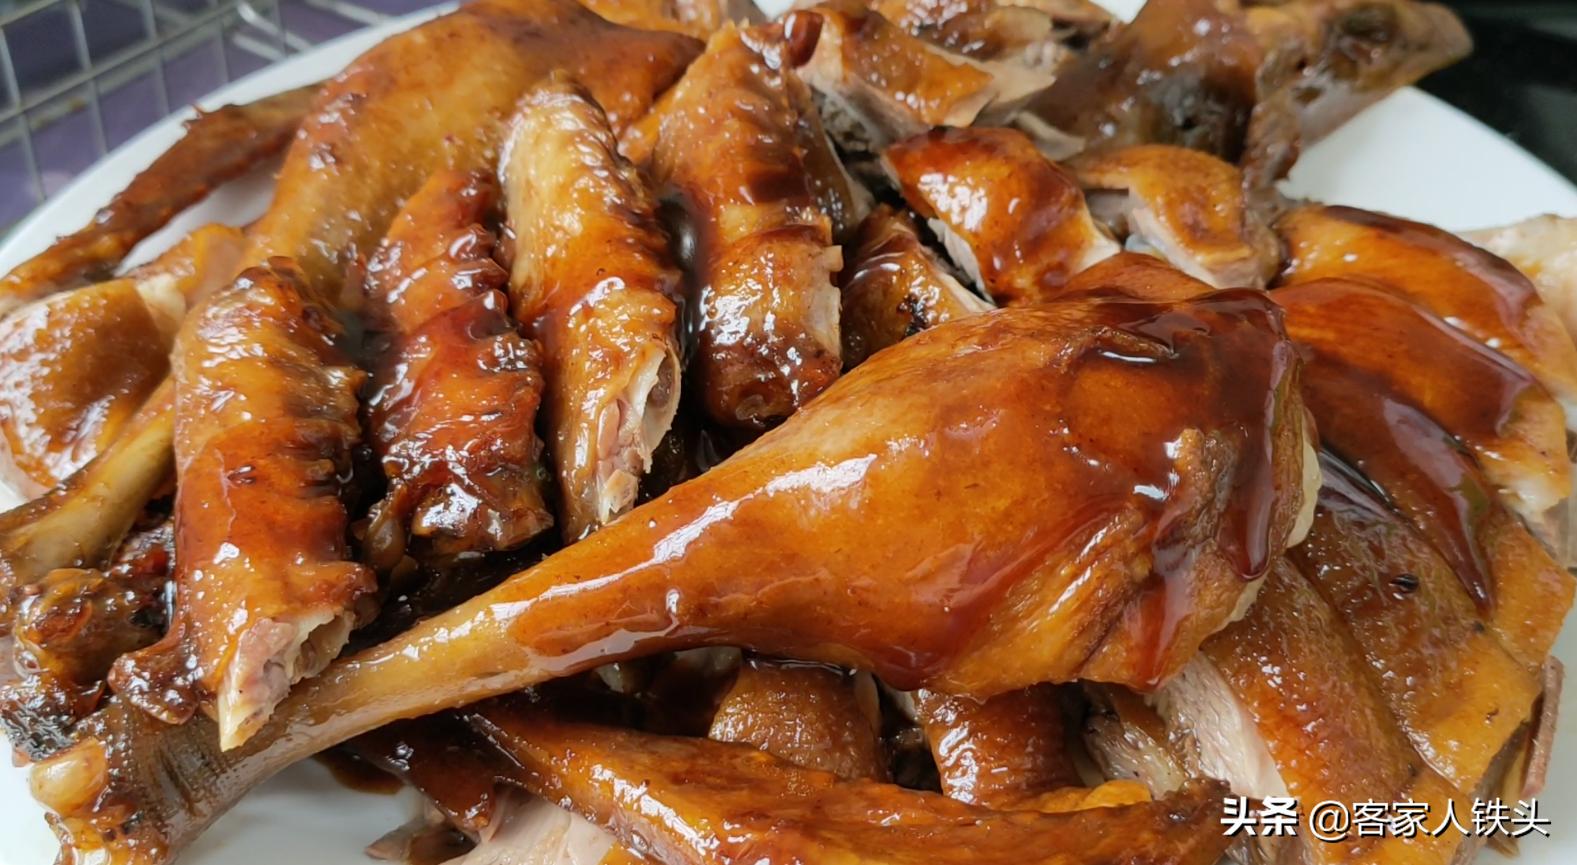 廣東人愛吃的碌鵝:教你家常做法,配料簡單步驟少,1大隻不夠吃